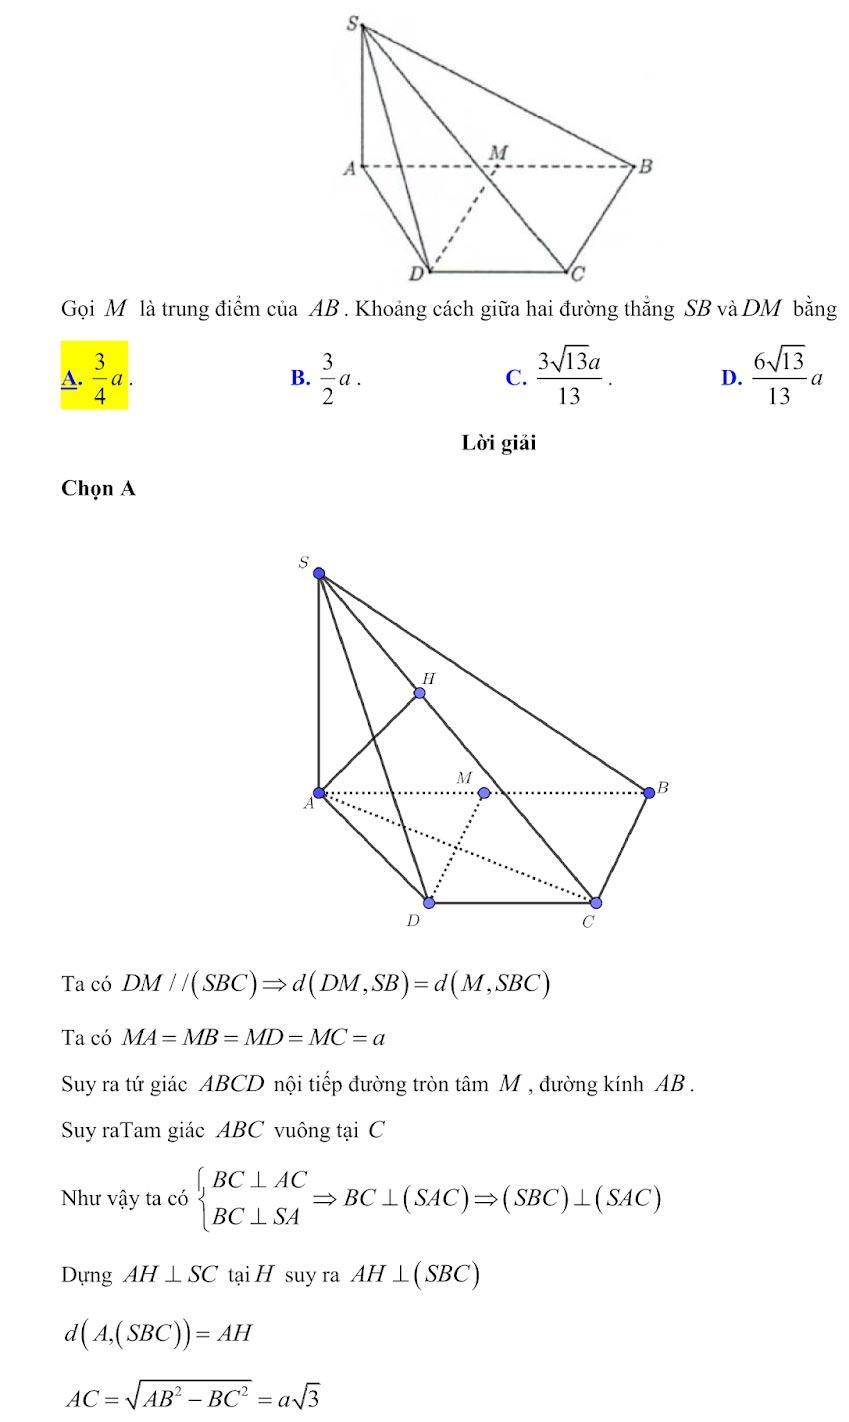 Đáp án đề minh họa thi thpt quốc gia môn toán 2020 lần 1_11